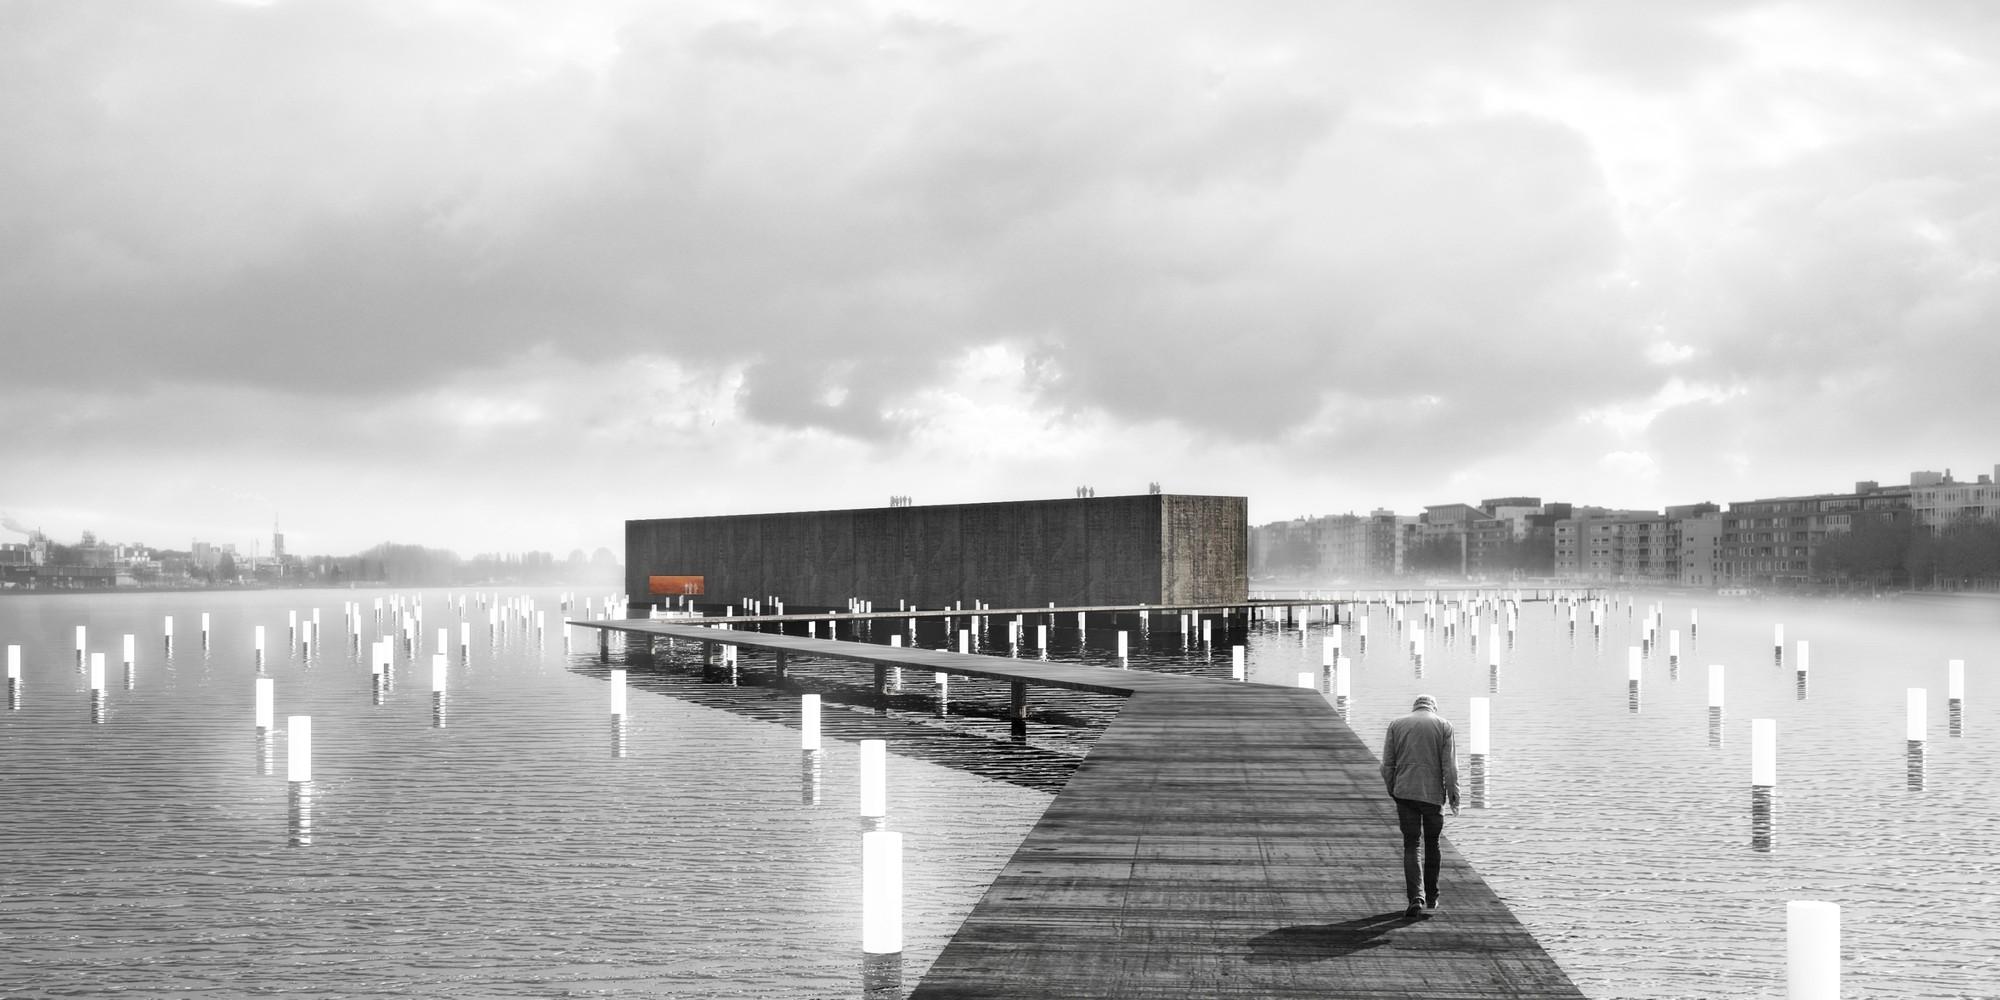 Arquitectos argentinos, tercer lugar en concurso internacional que homenajea a víctimas de vuelo MH17, Cortesia de Equipo Tercer Lugar